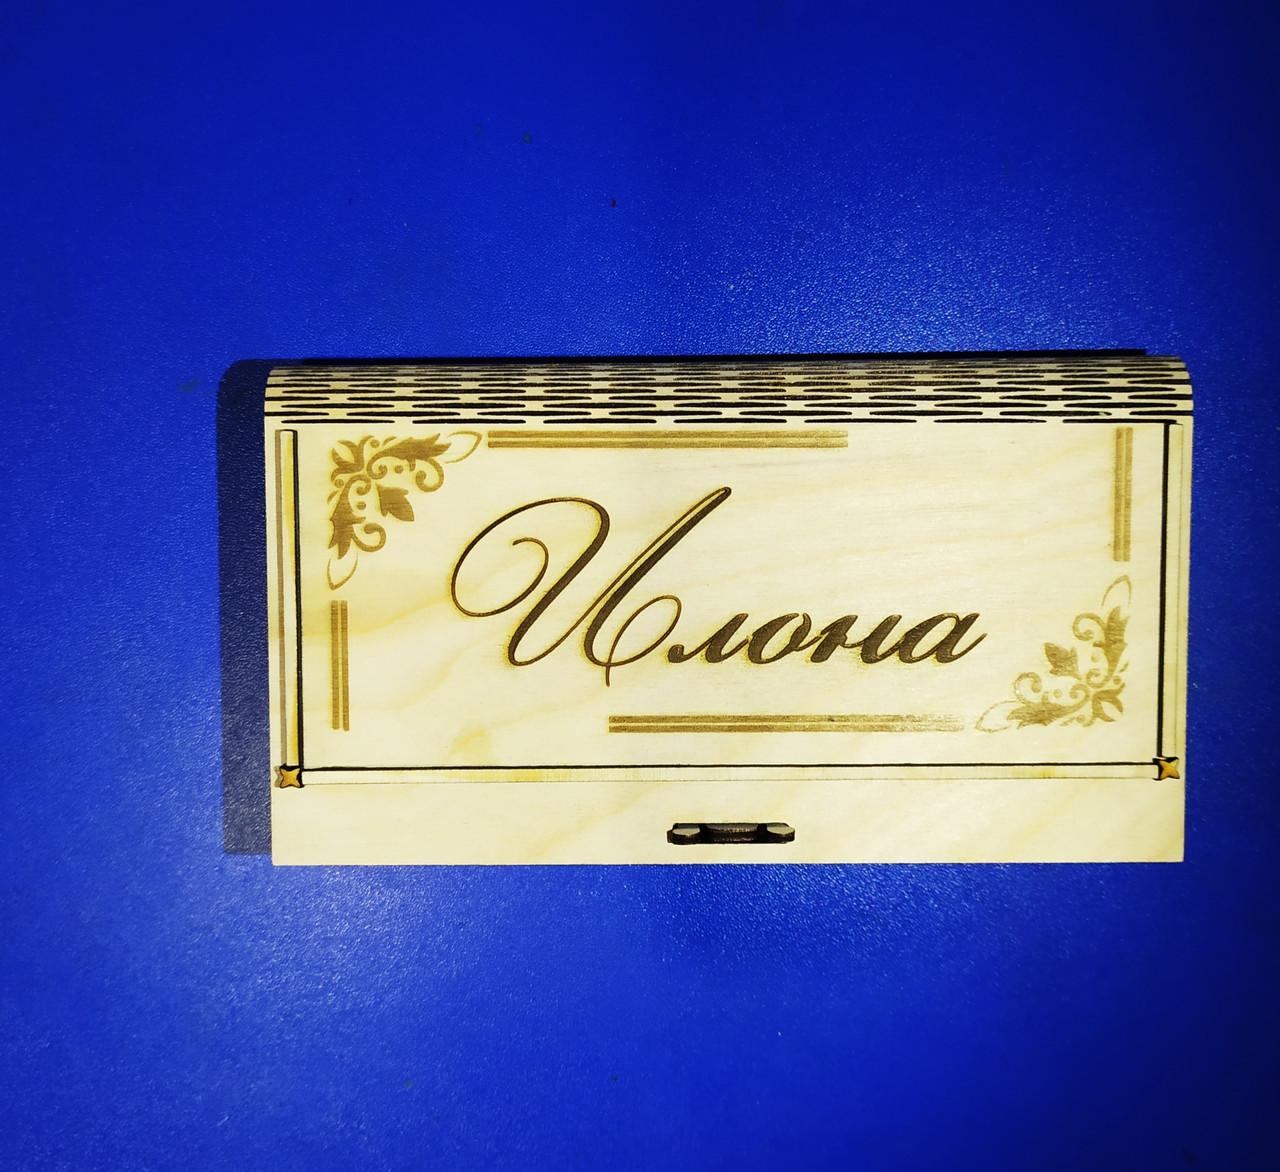 Шкатулка дерев'яна, конверт для грошей з дерева з ім'ям Ілона